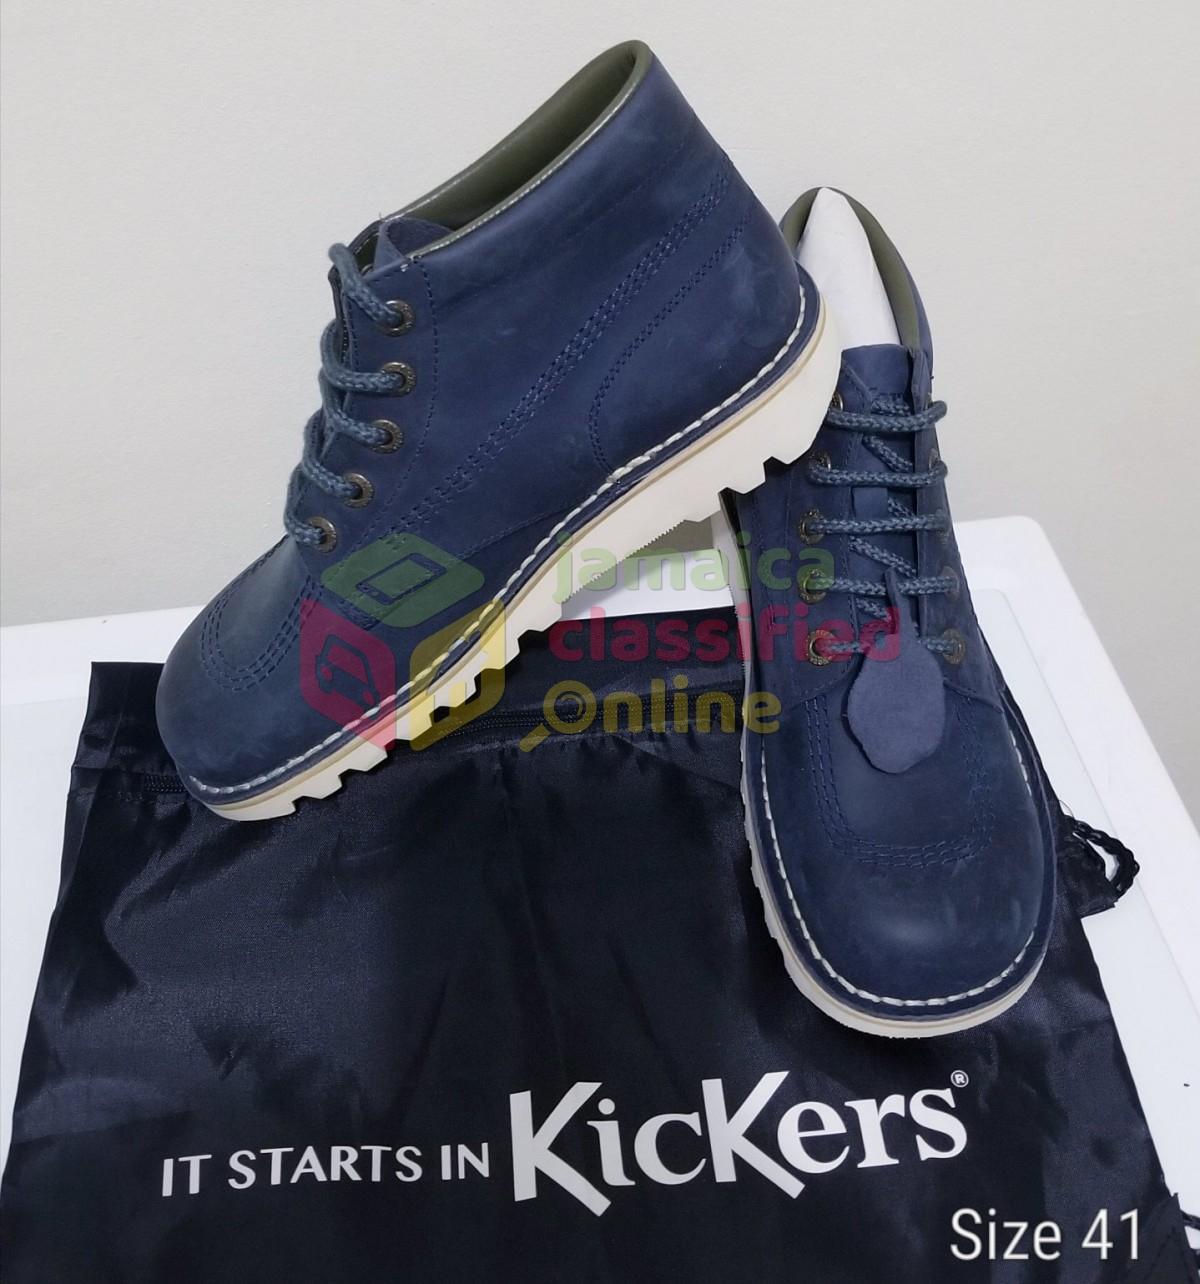 Kickers Footwear, Allstar for sale in